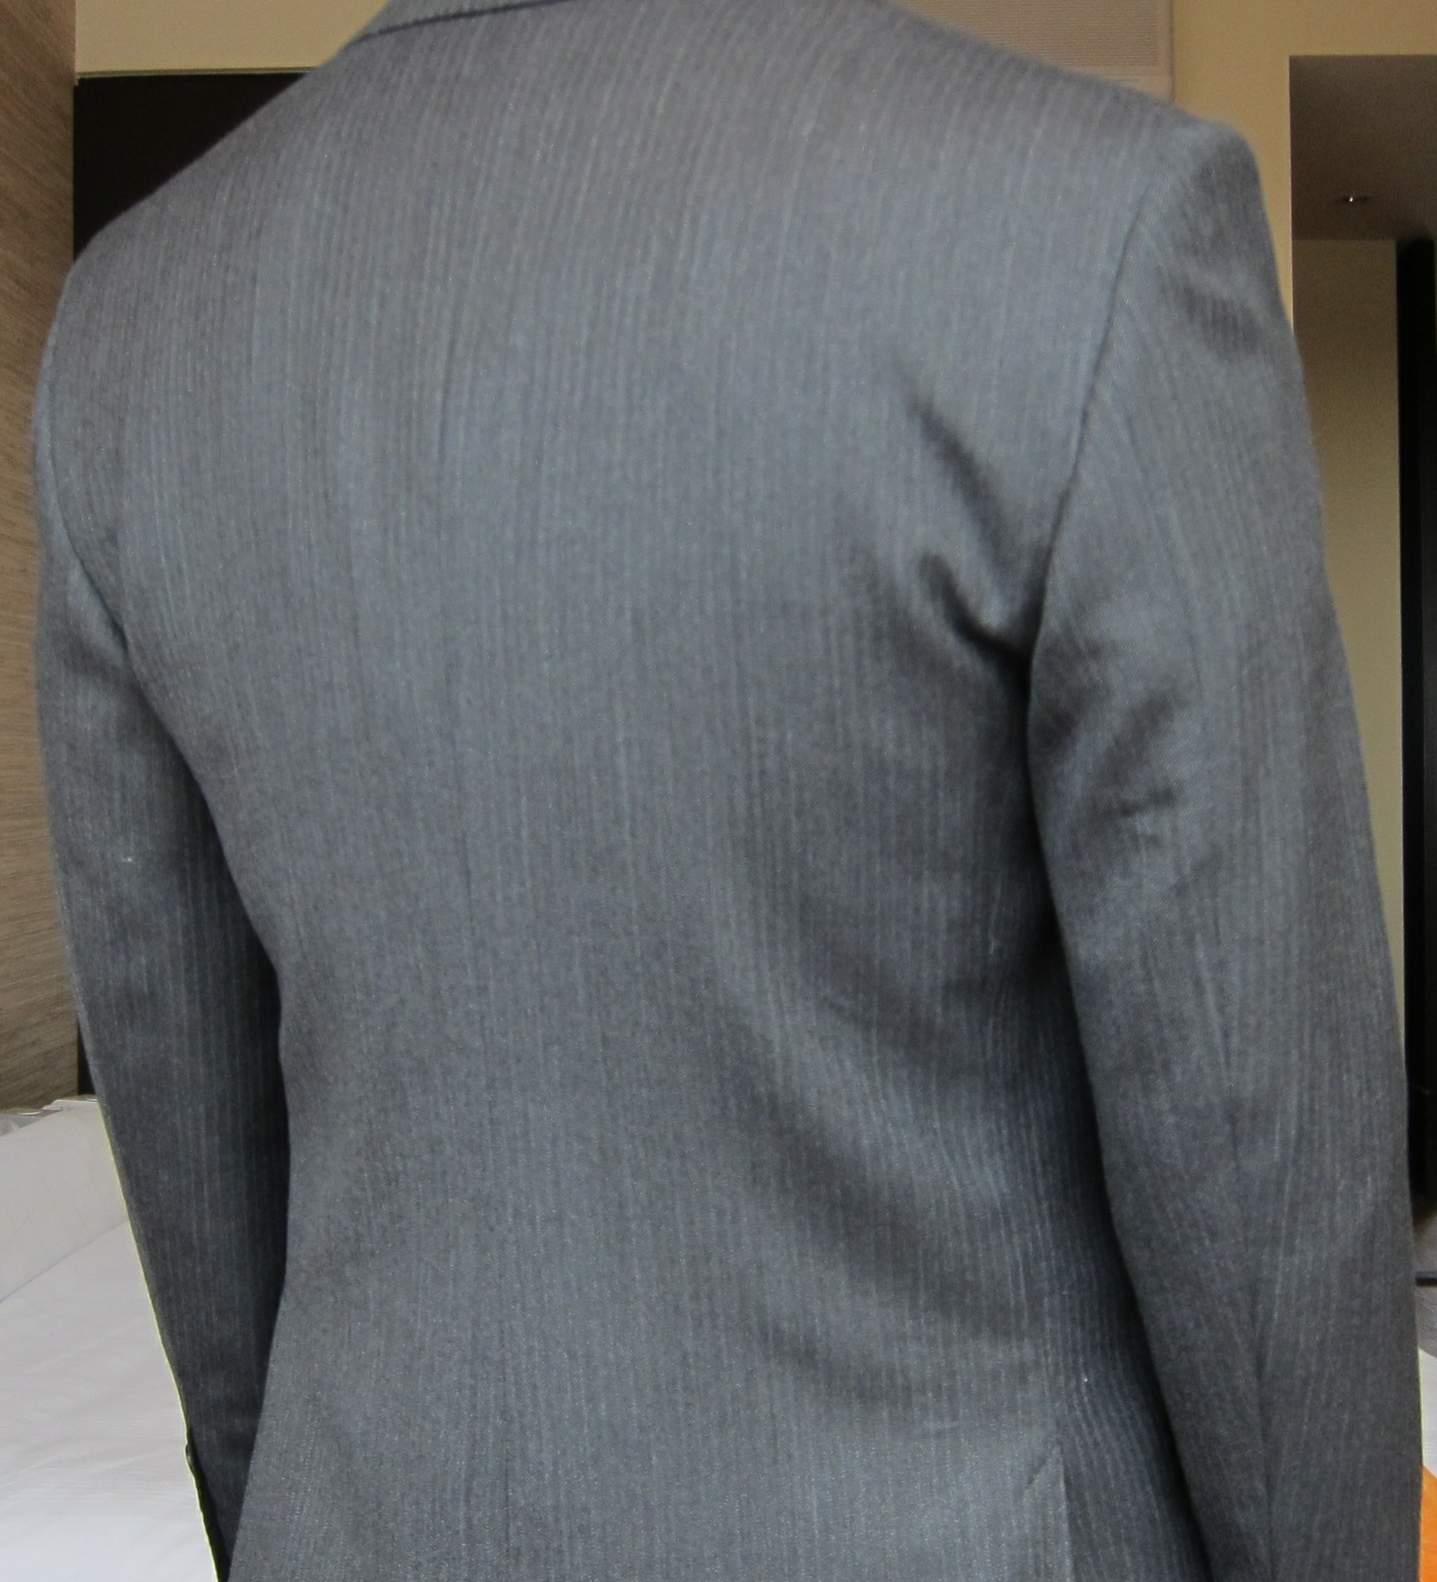 right rear side